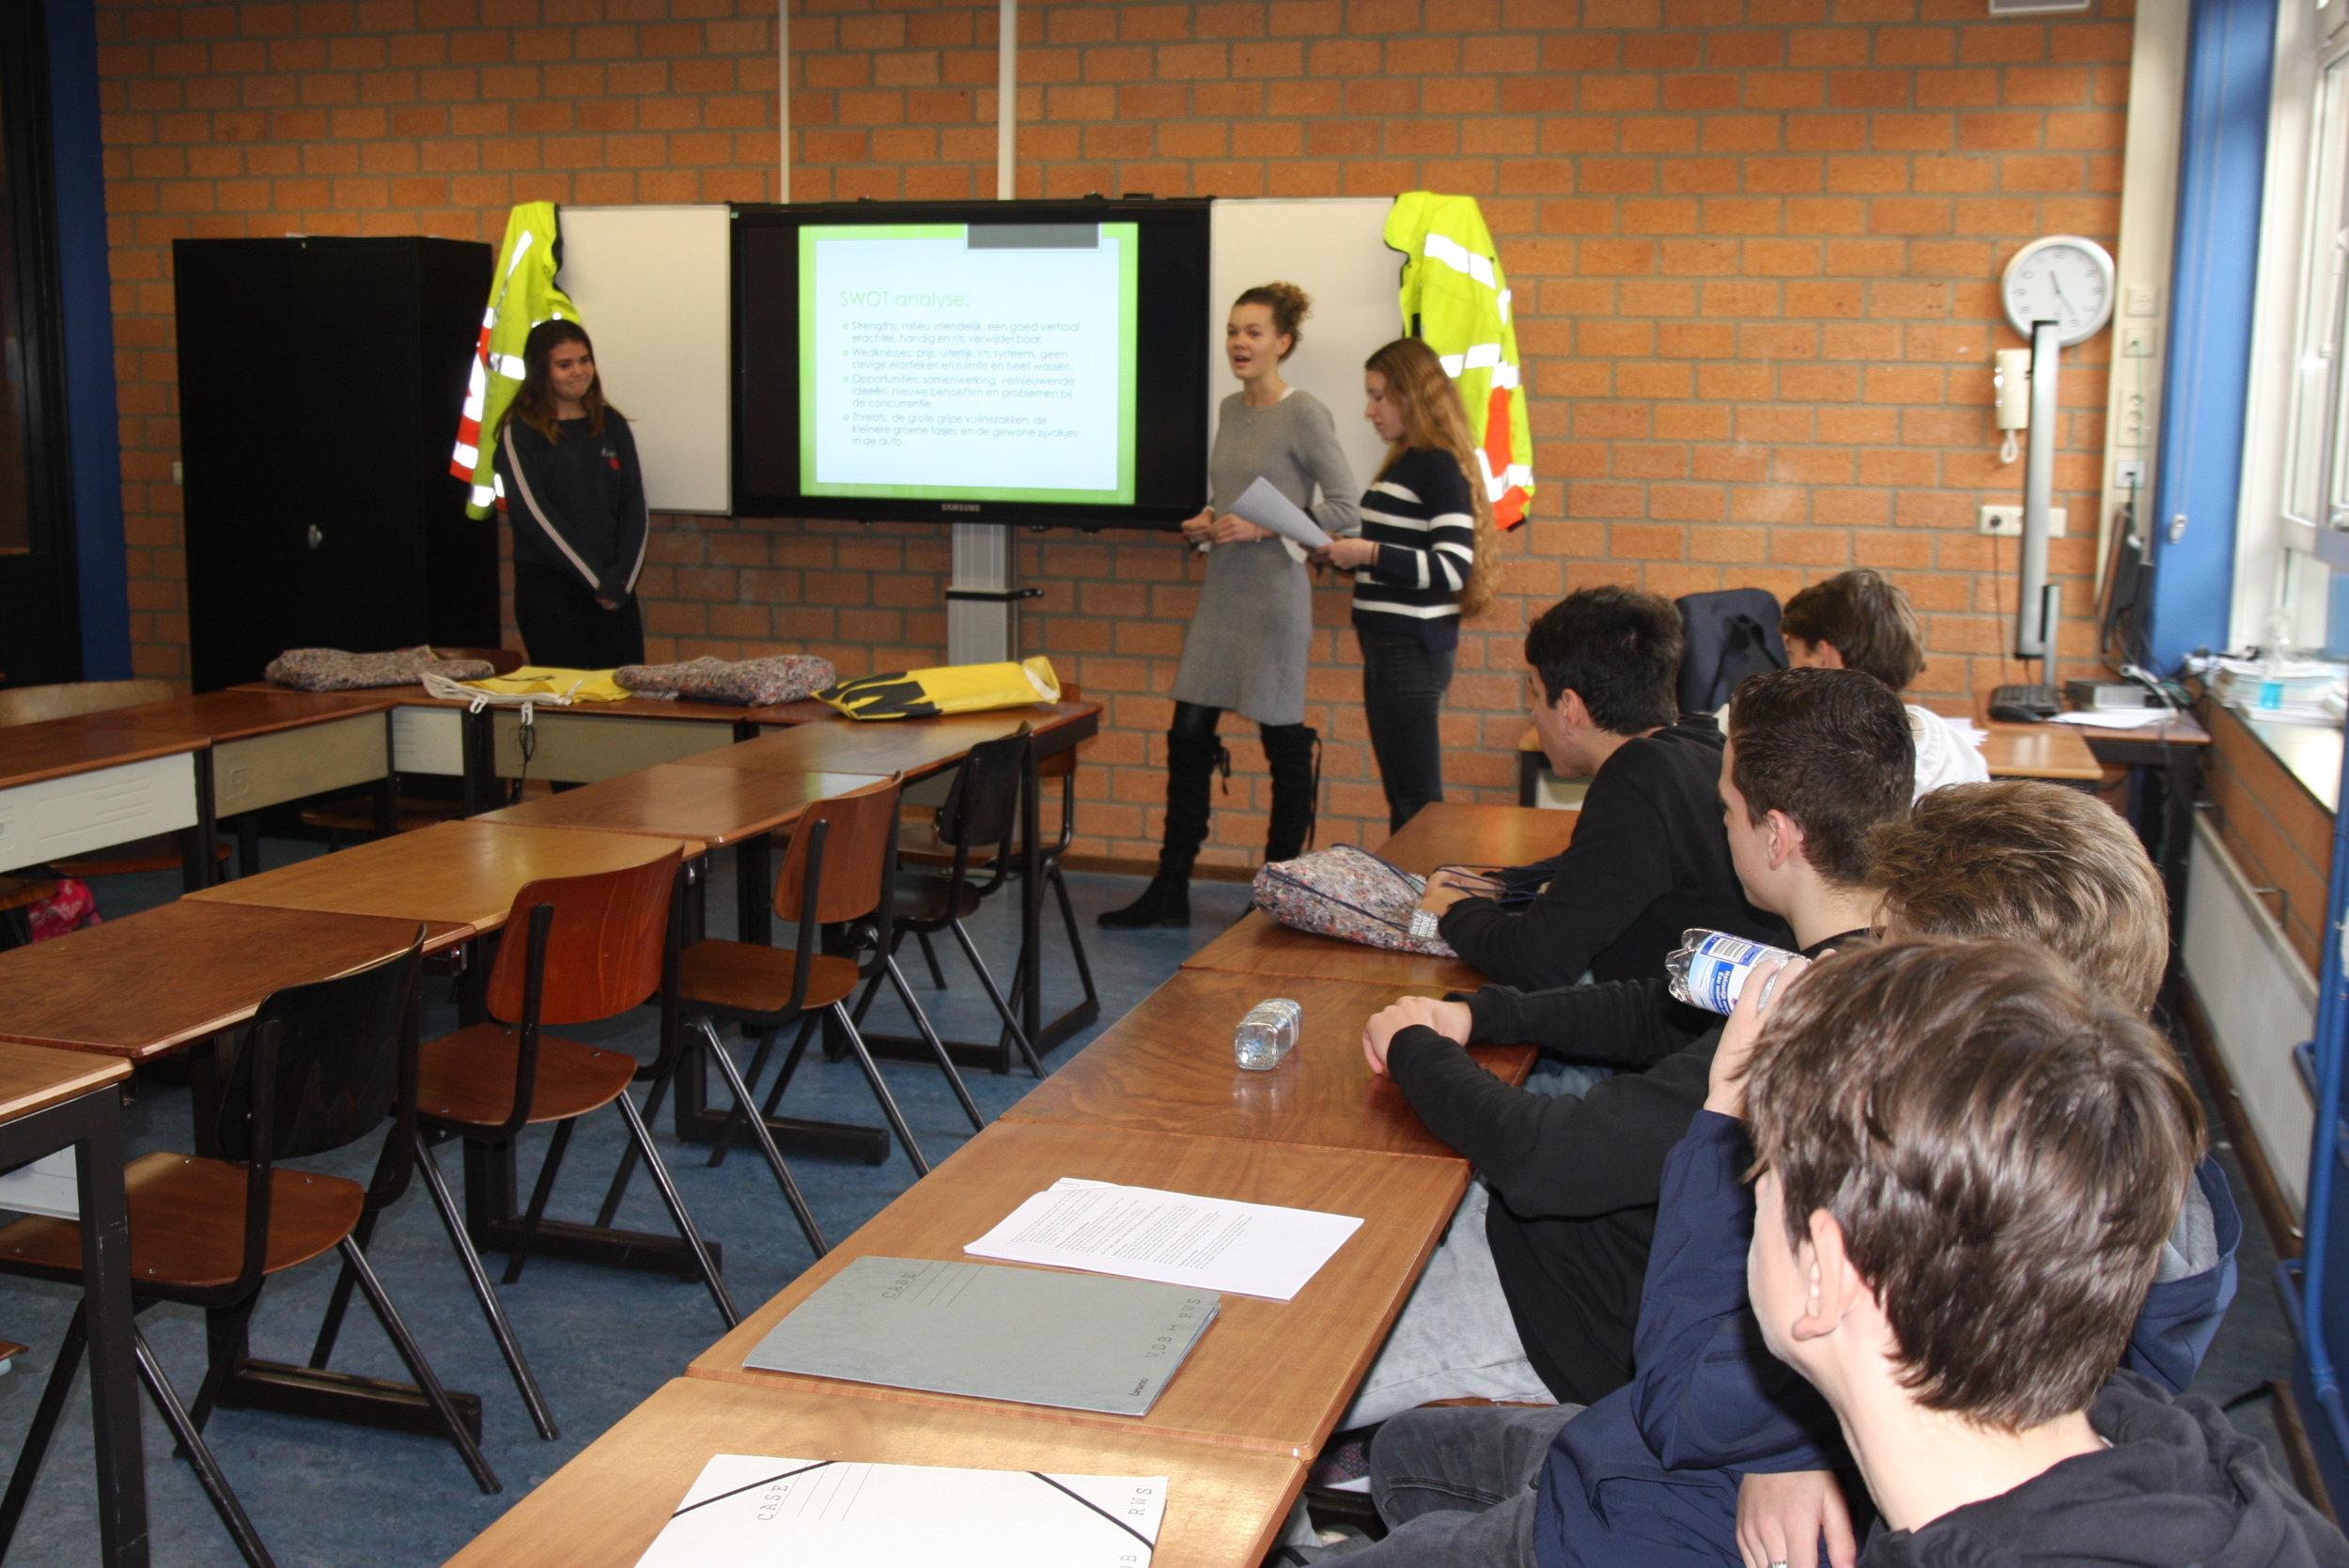 De leerlingen economie adviseren VanDeBouwplaats bij het opzetten van een verkoopkanaal van de afvaltassen. Hun advies wordt gebruikt in de verdere ontwikkeling van de afvaltas.